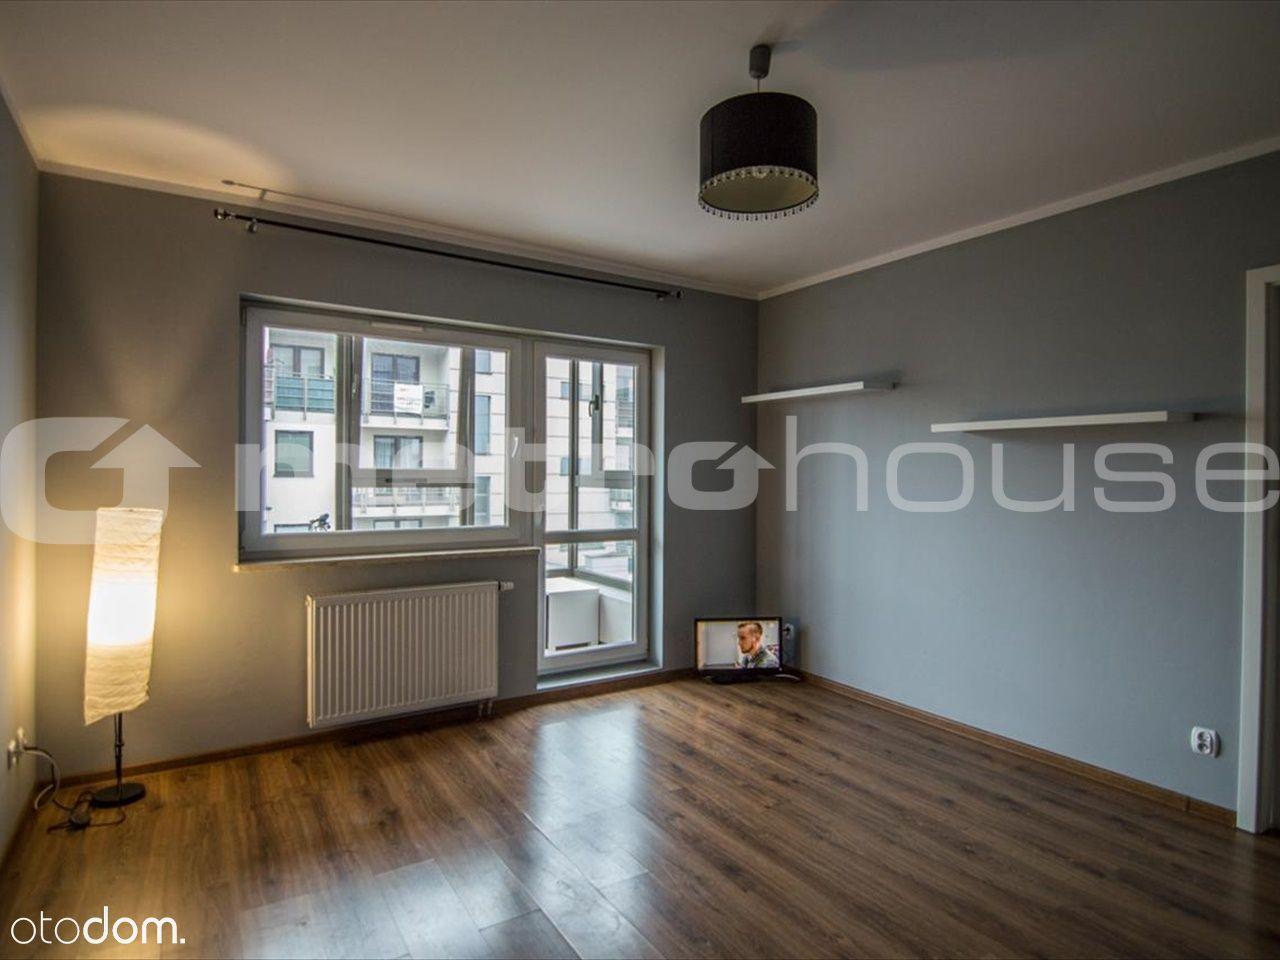 Mieszkanie na sprzedaż, Kręczki, warszawski zachodni, mazowieckie - Foto 2